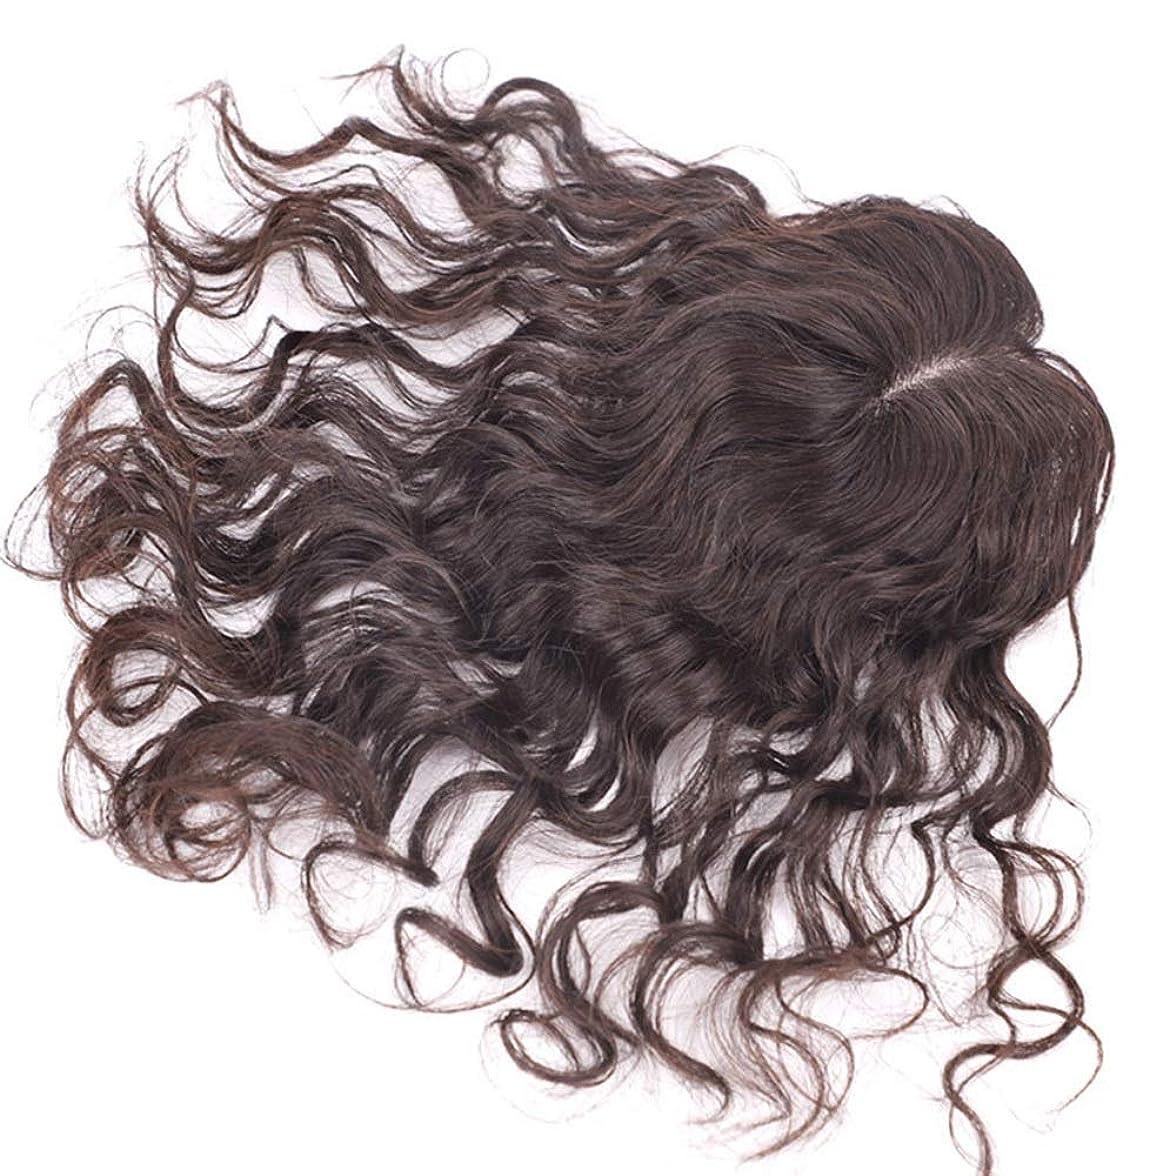 相関する発送真空Yrattary 女性のための優雅なウェーブのかかった髪100%の本物の人間の髪の毛フルハンドウィッグウィッグパーティーかつら (Color : [9x14] 35cm dark brown)